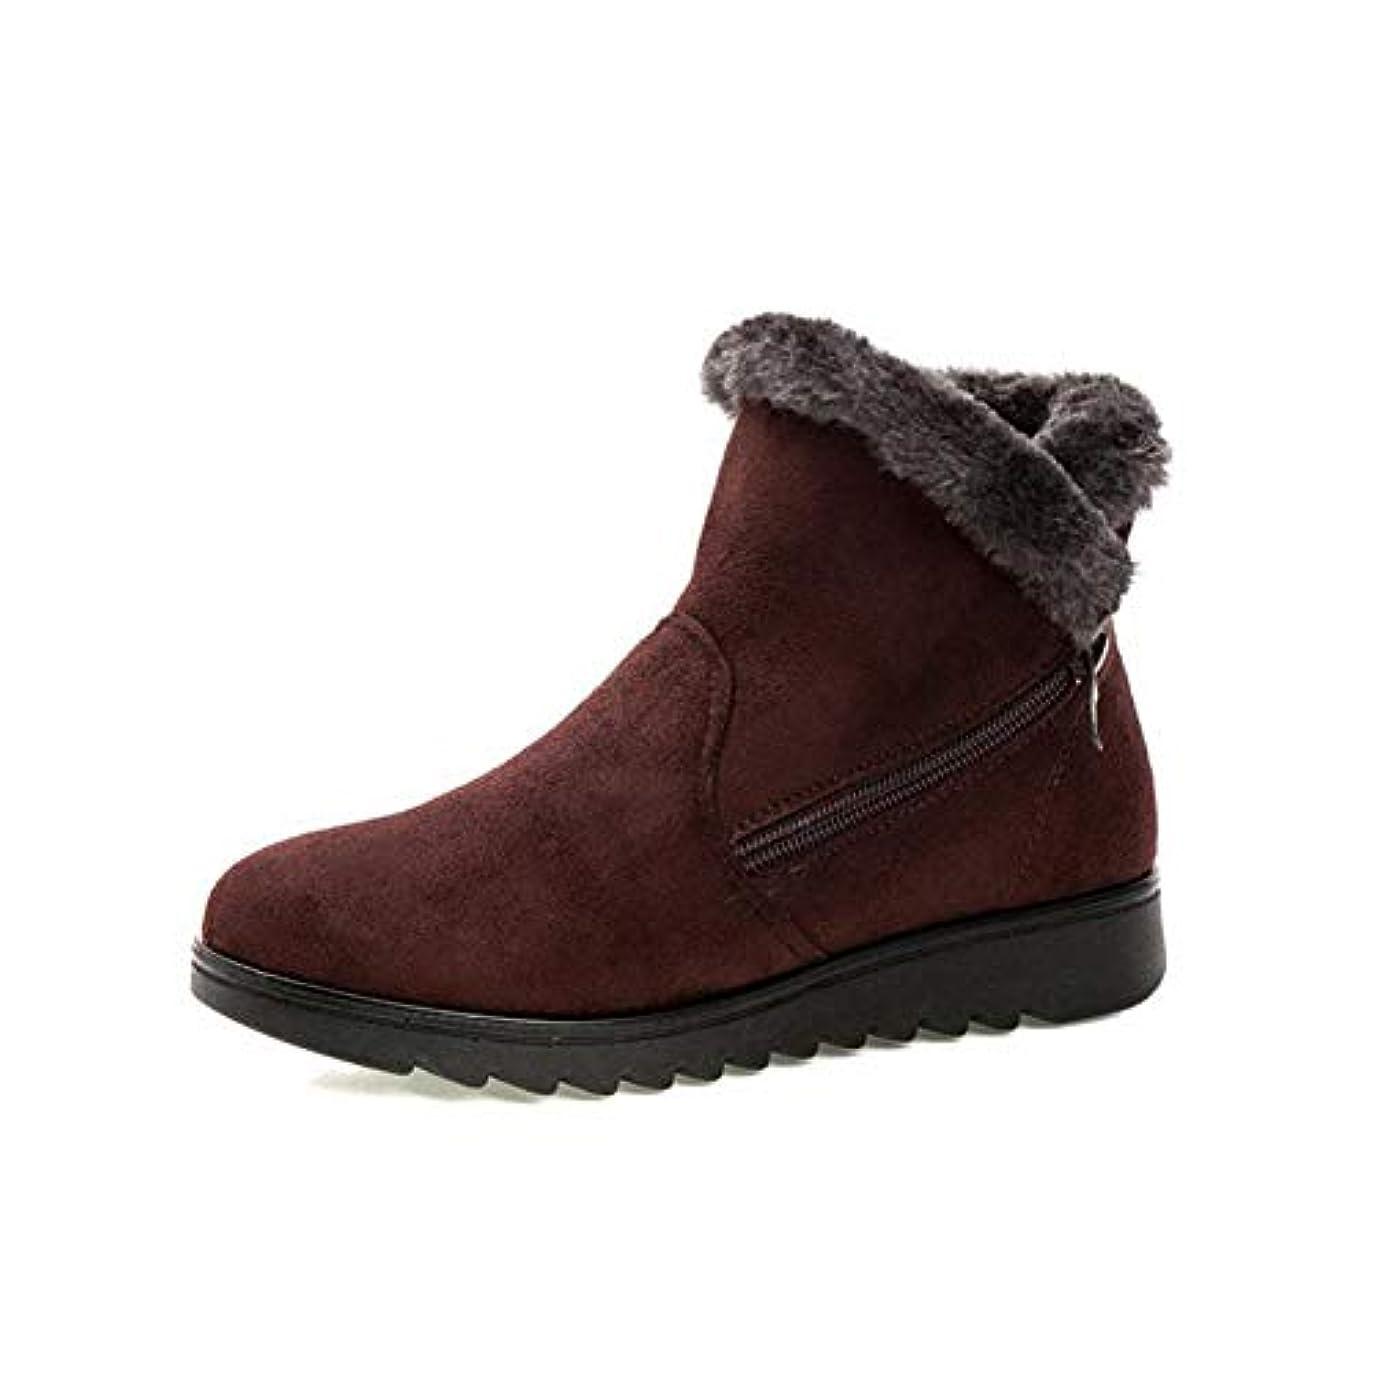 信念絶壁コーン女性のブーツ、2018冬の靴女性のスノーブーツ、老人のスノーブーツ大規模な綿のブーツ中と古い綿の靴 (色 : 褐色, サイズ : 36)